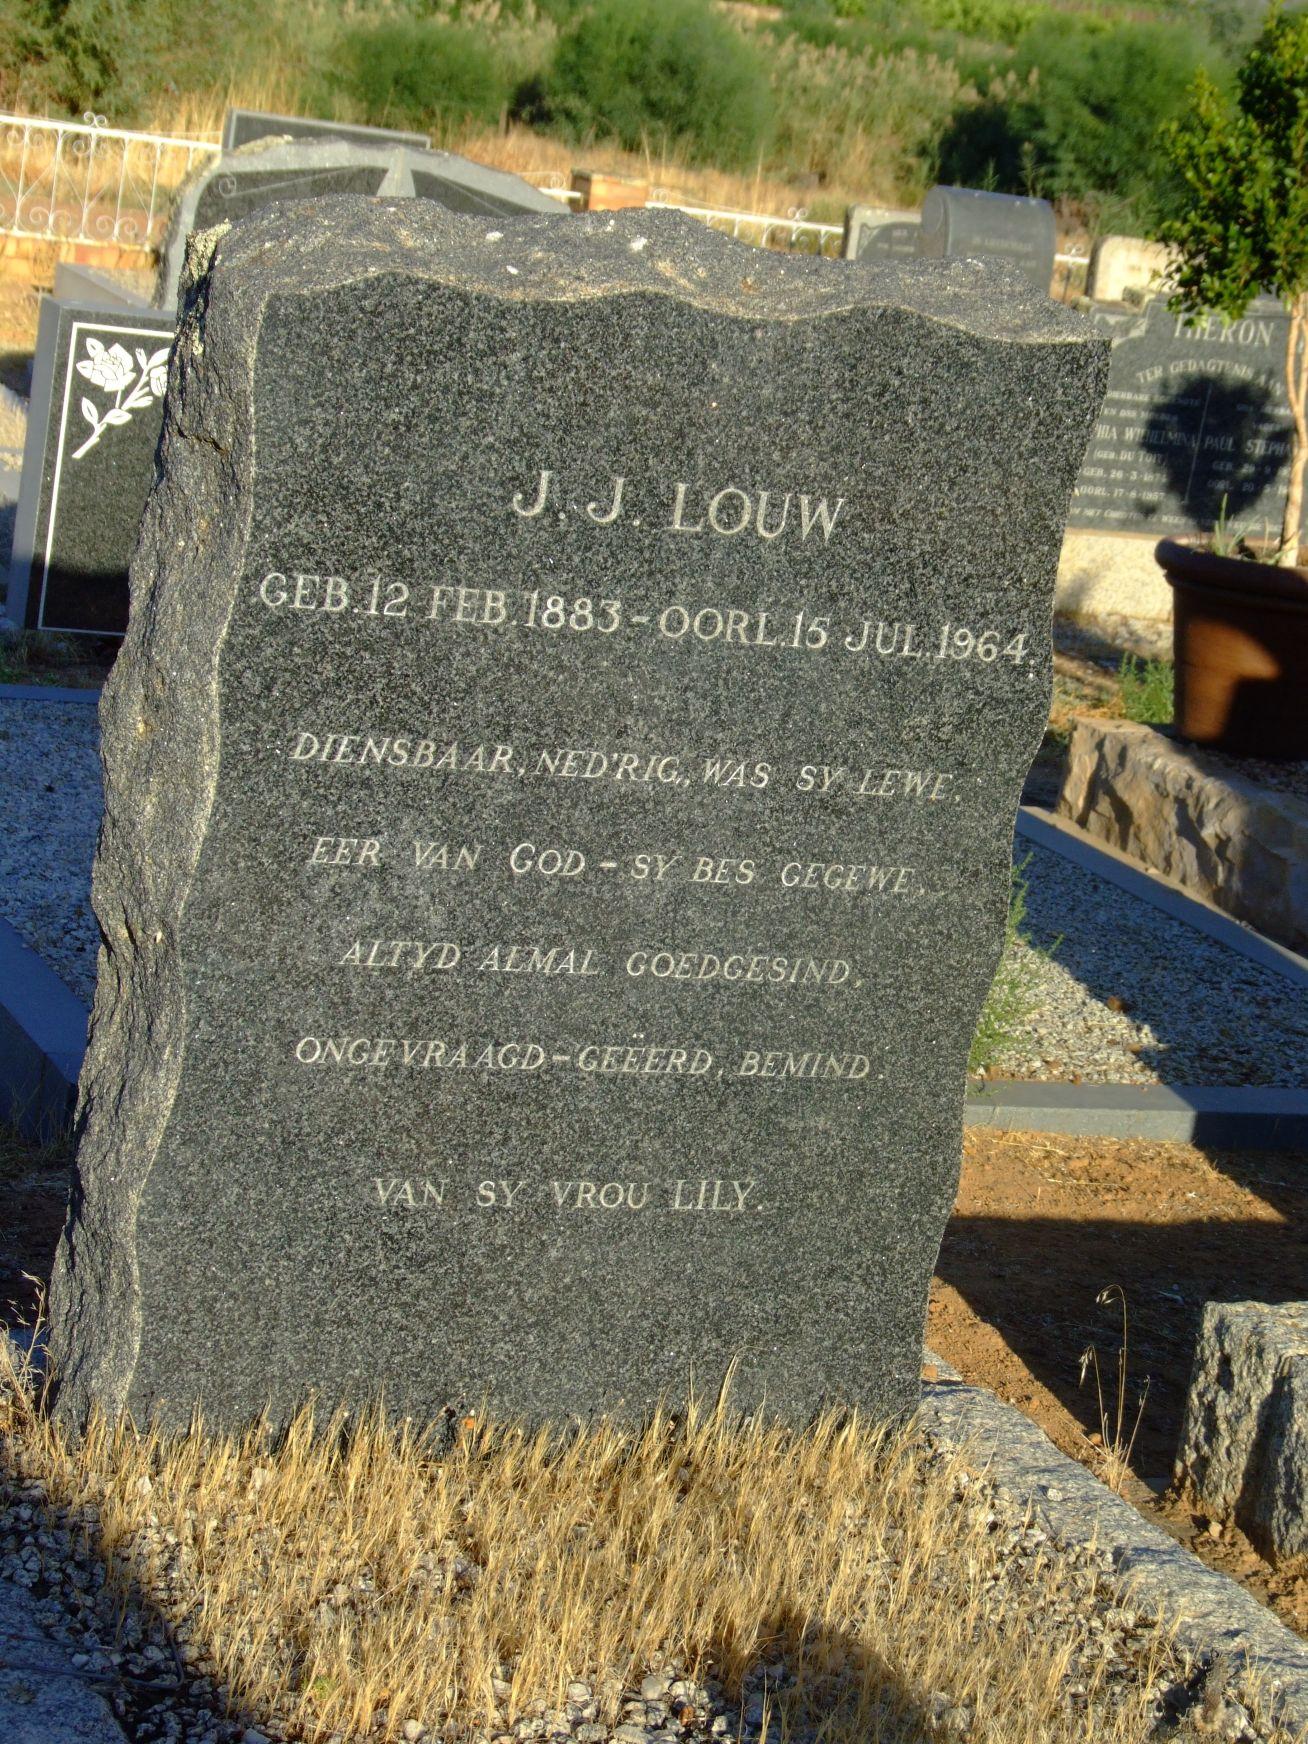 Louw J.J.